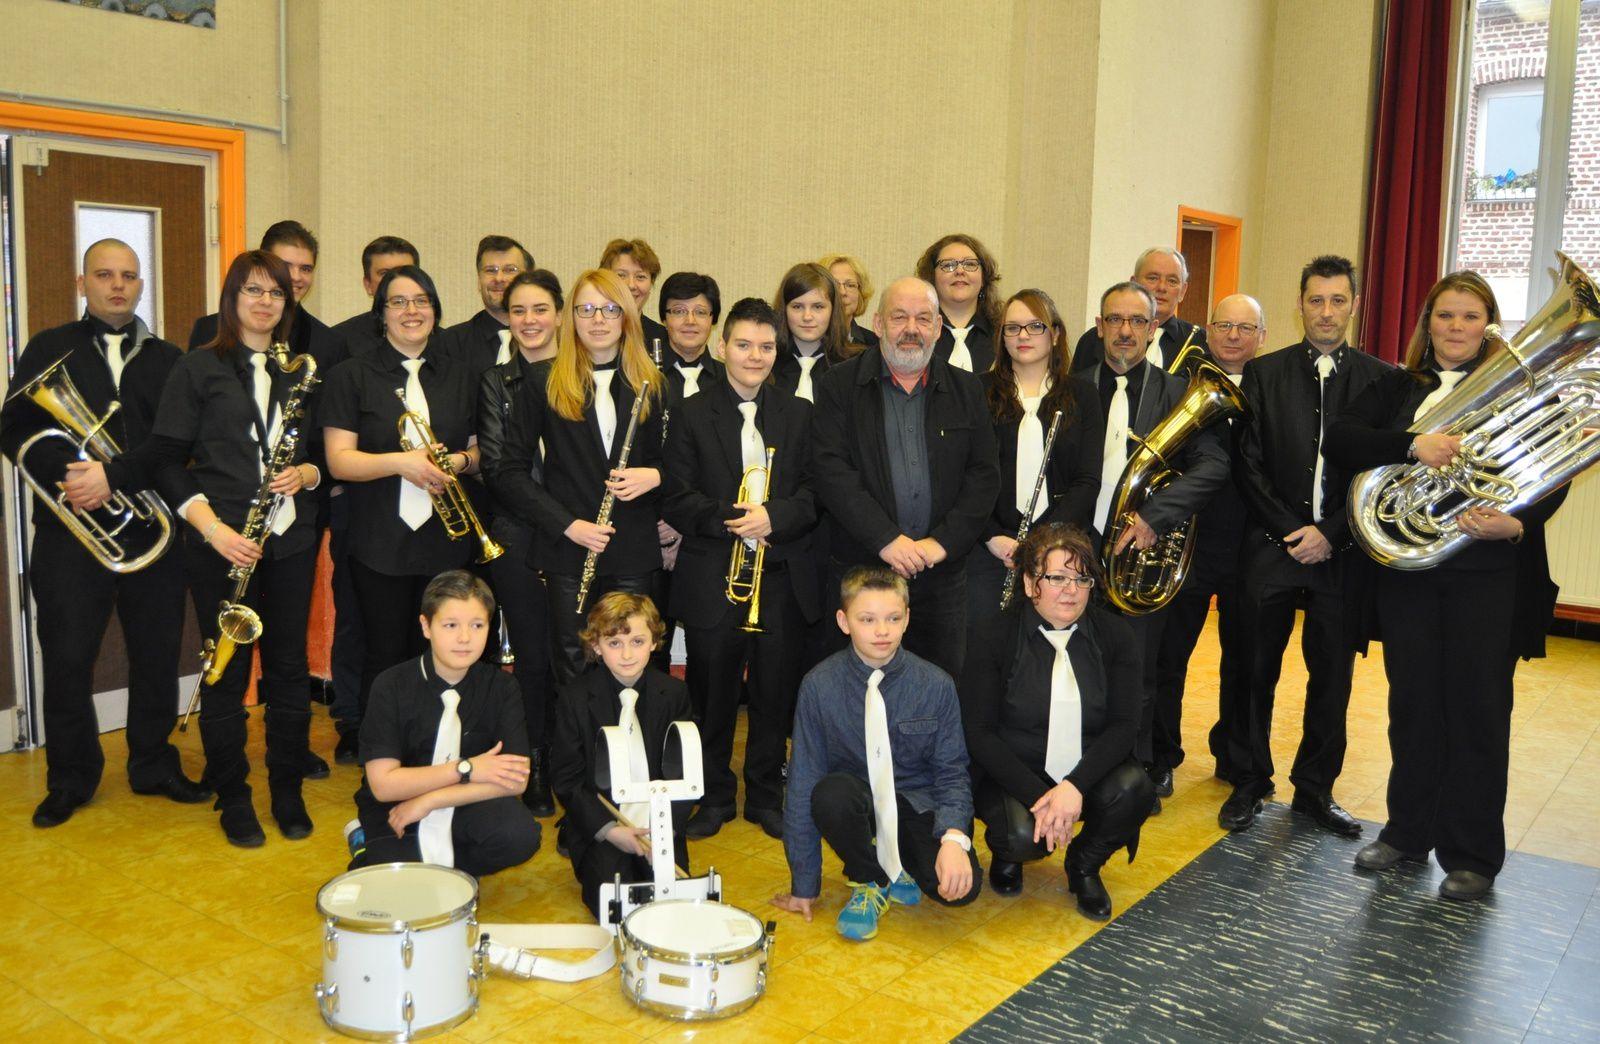 Concert Hommage aux Poilus